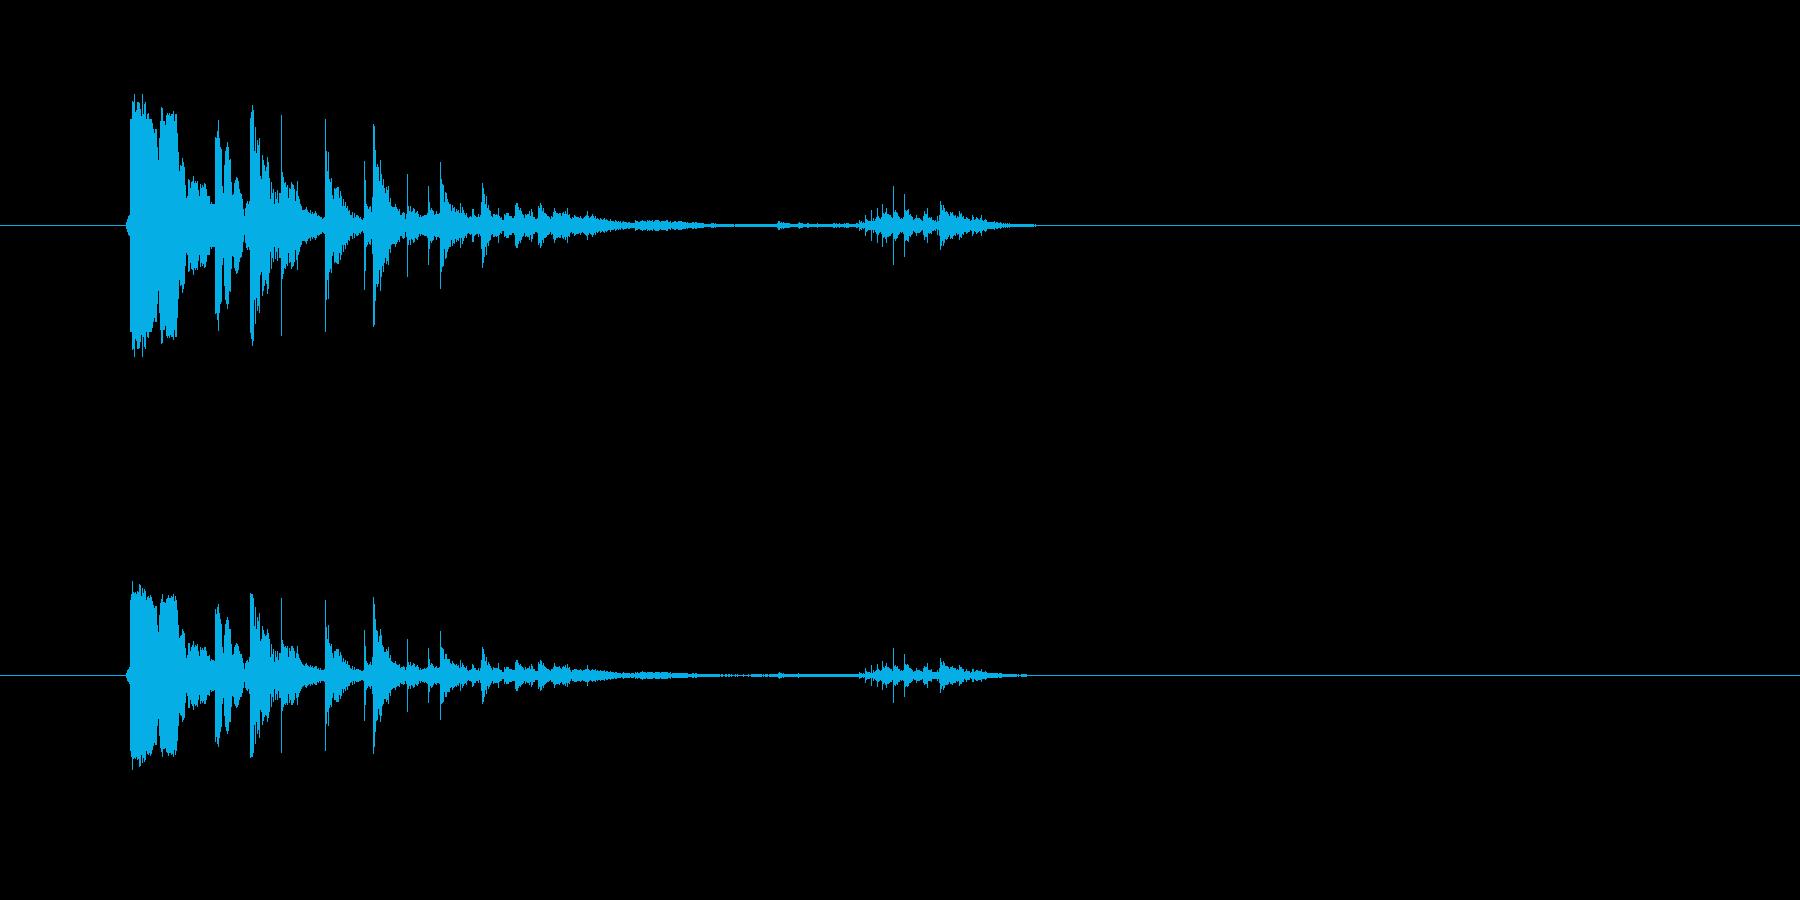 カランカラン空き缶を転がすの再生済みの波形